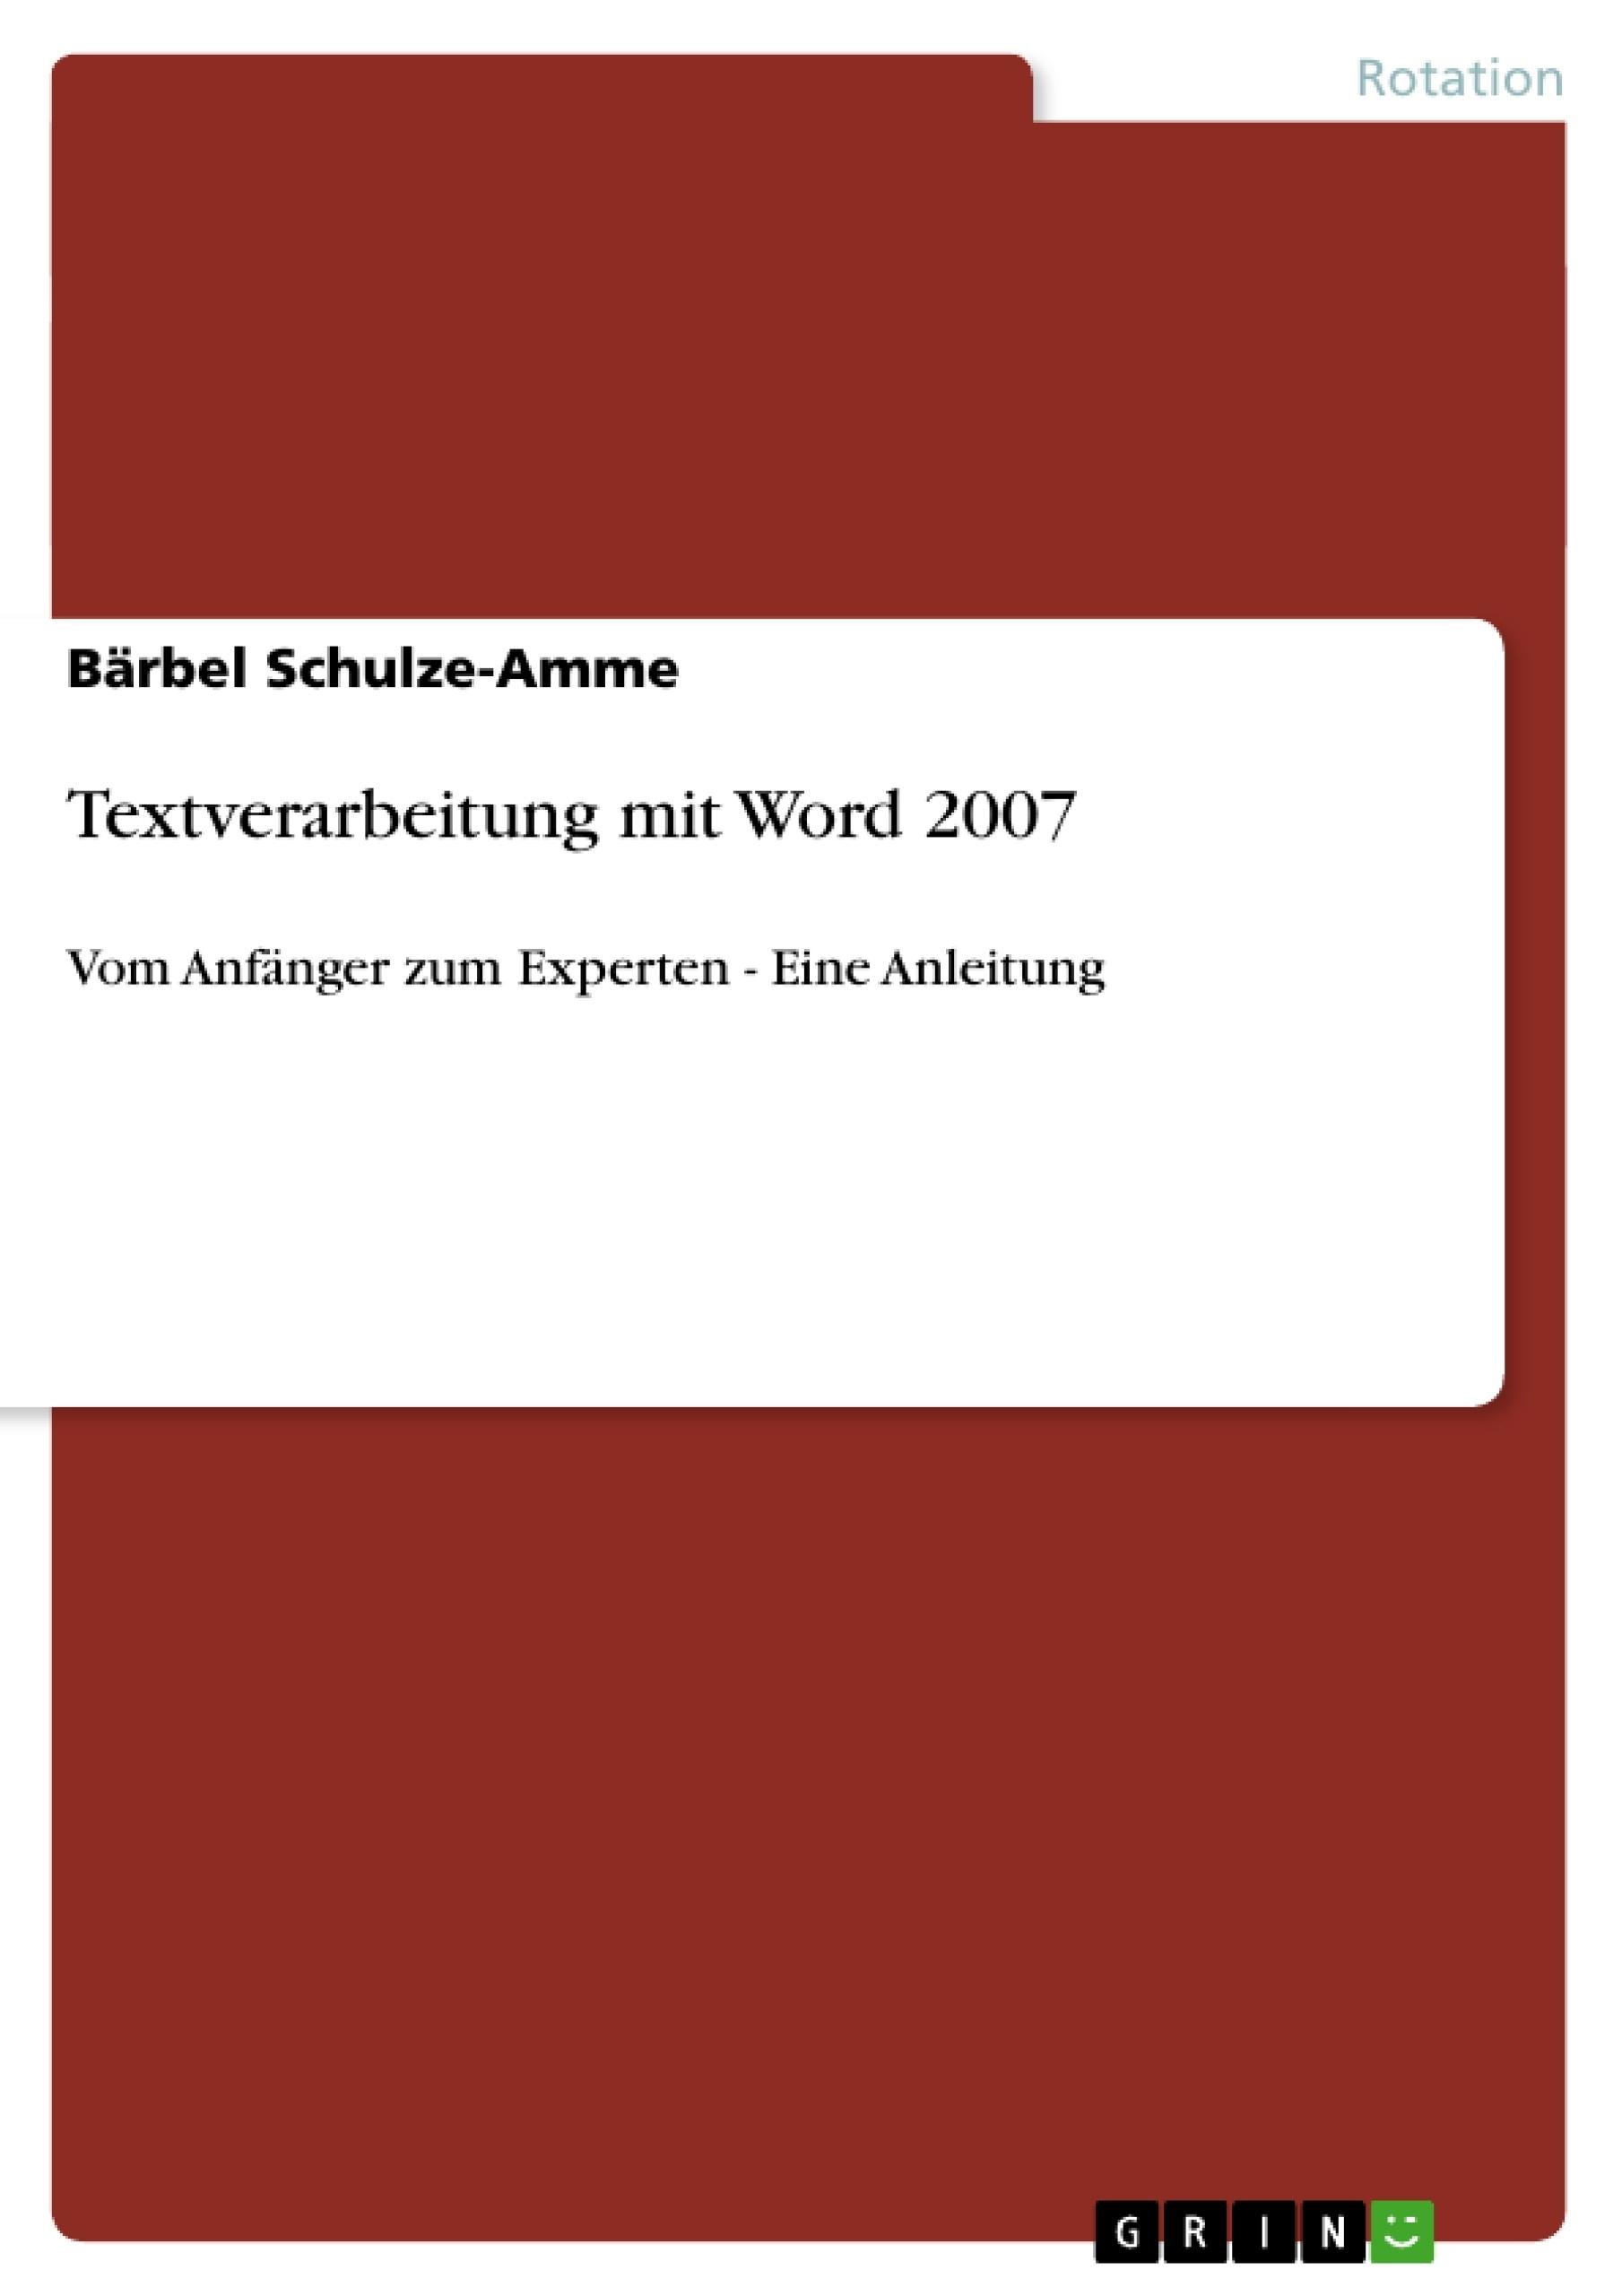 Textverarbeitung mit Word 2007 | Masterarbeit, Hausarbeit ...